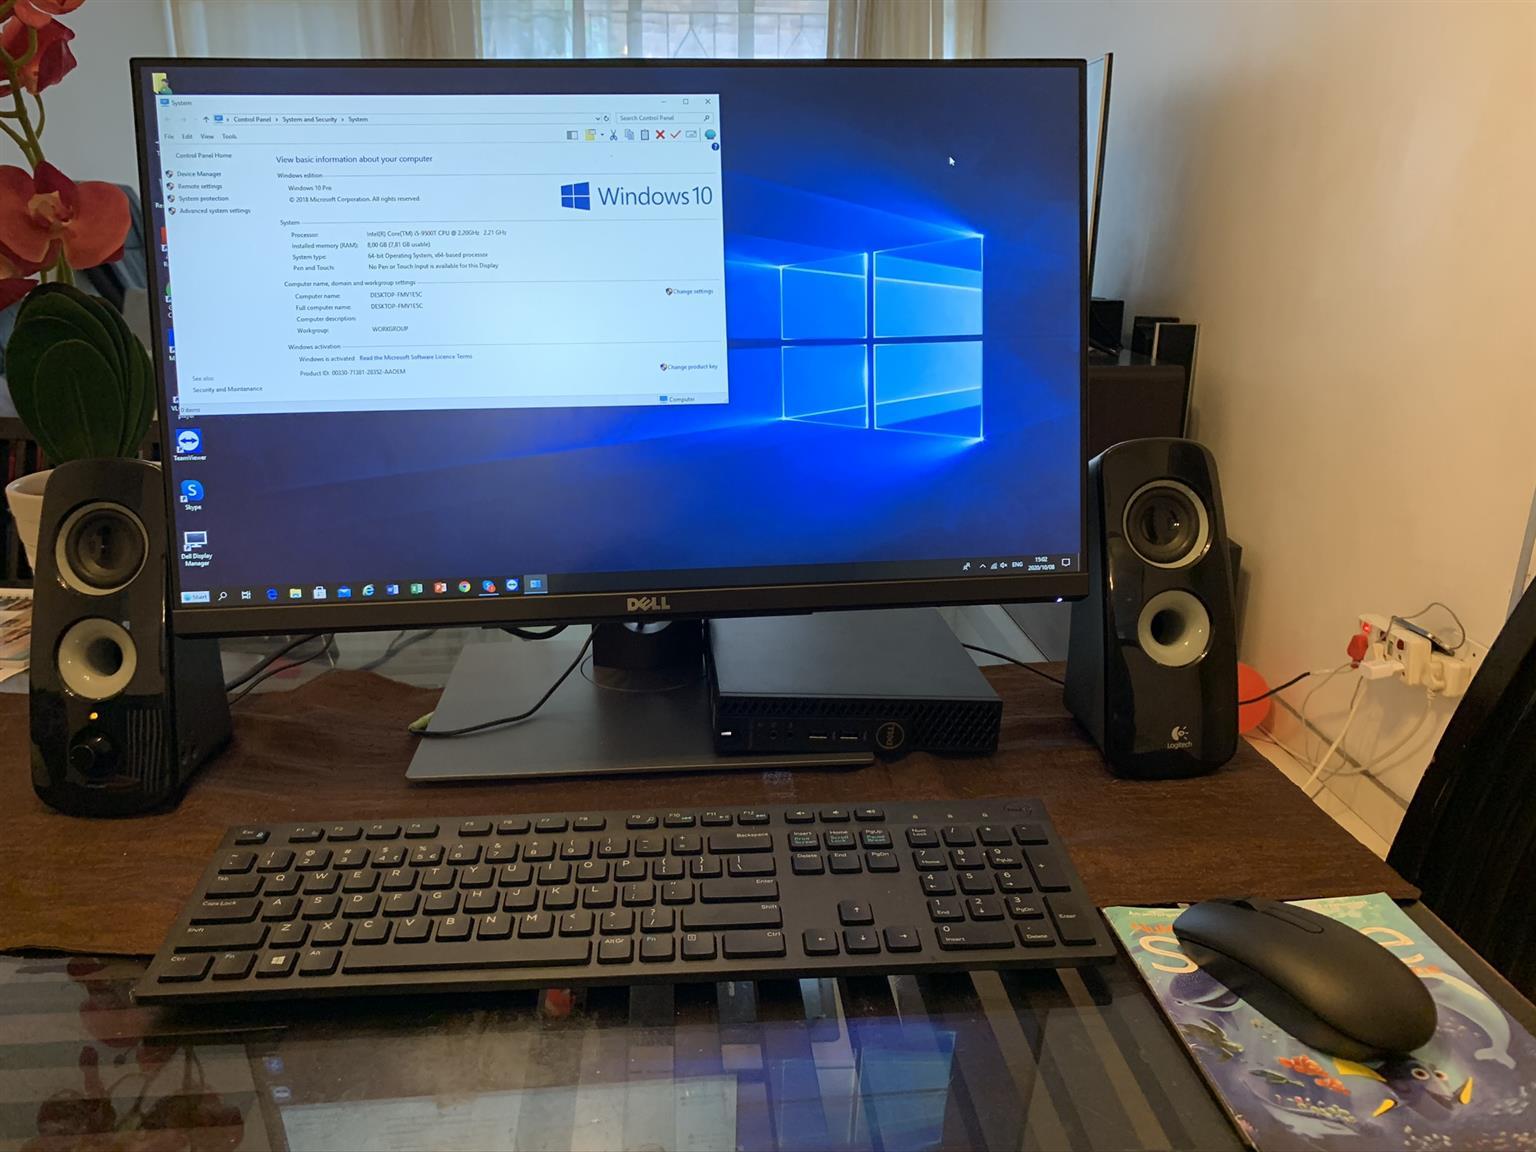 Dell OptiPlex 3070 MFF PC - Core i5-9500T / 8GB RAM / 256GB SSD / Win 10 Pro